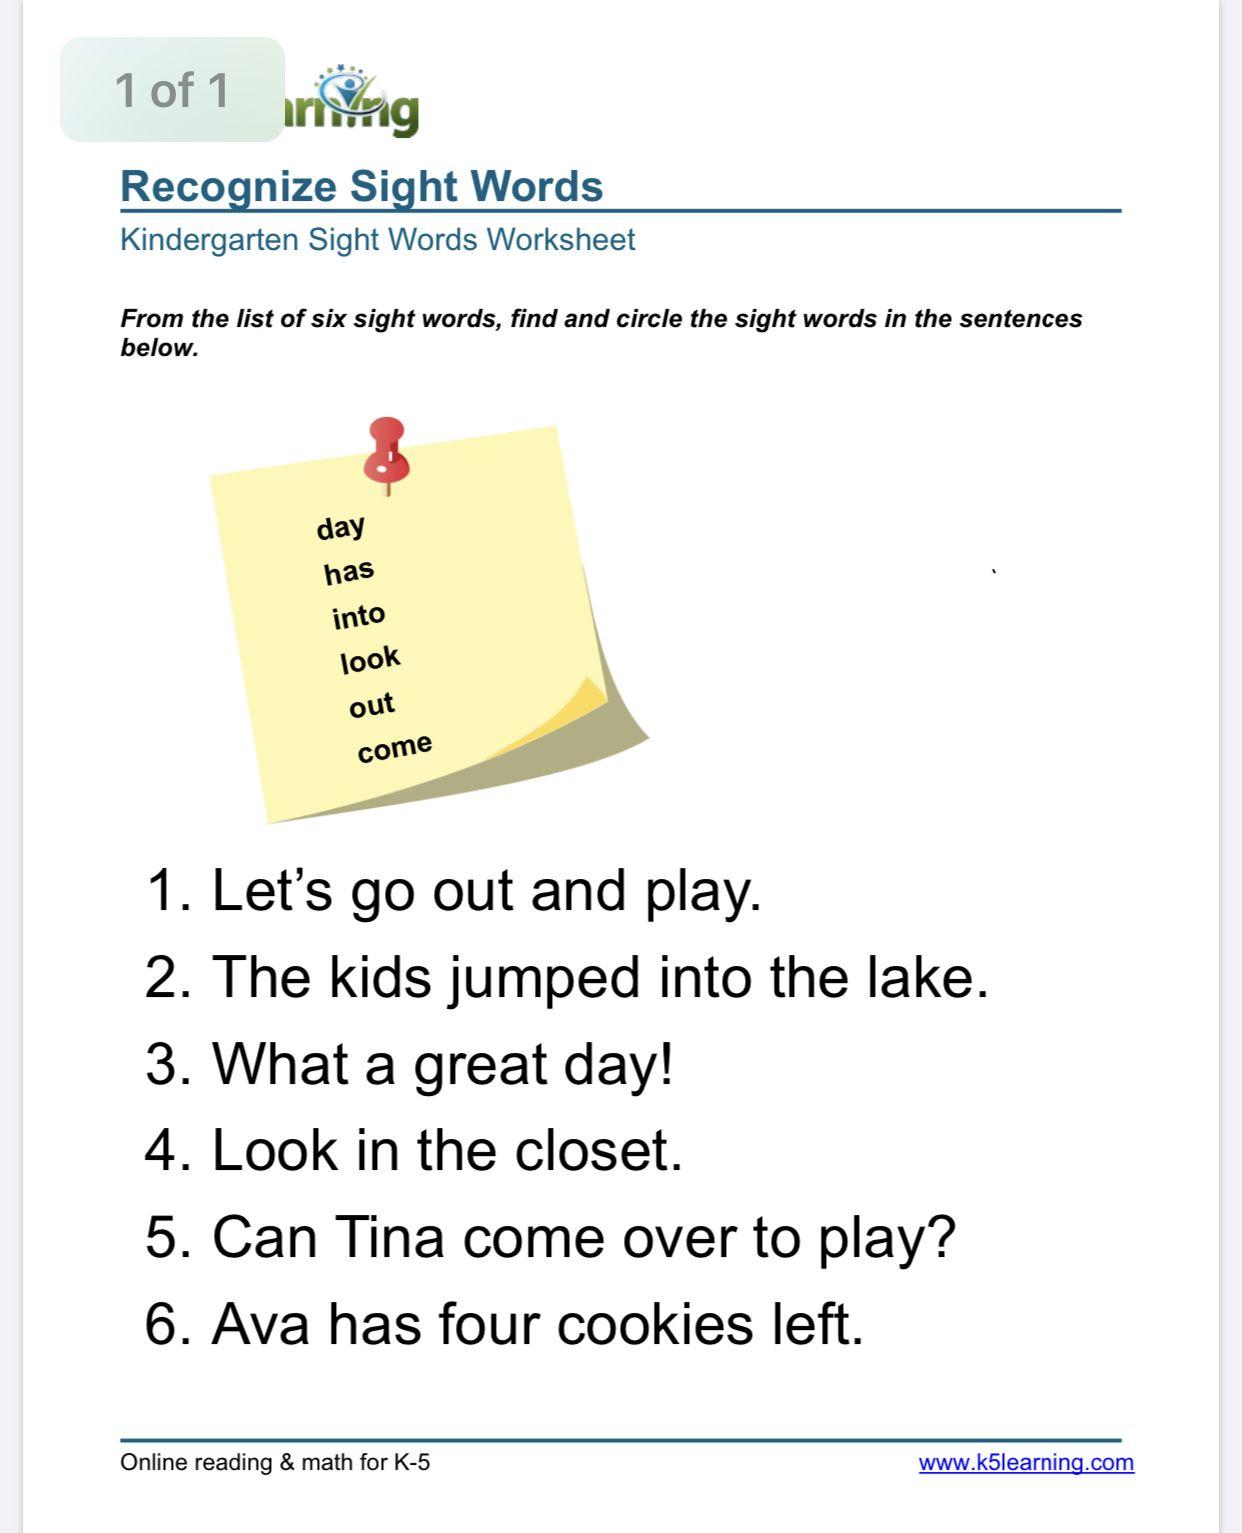 Sight Words in Sentances Worksheet   K5 Learning   Kindergarten worksheets  sight words [ 1533 x 1242 Pixel ]